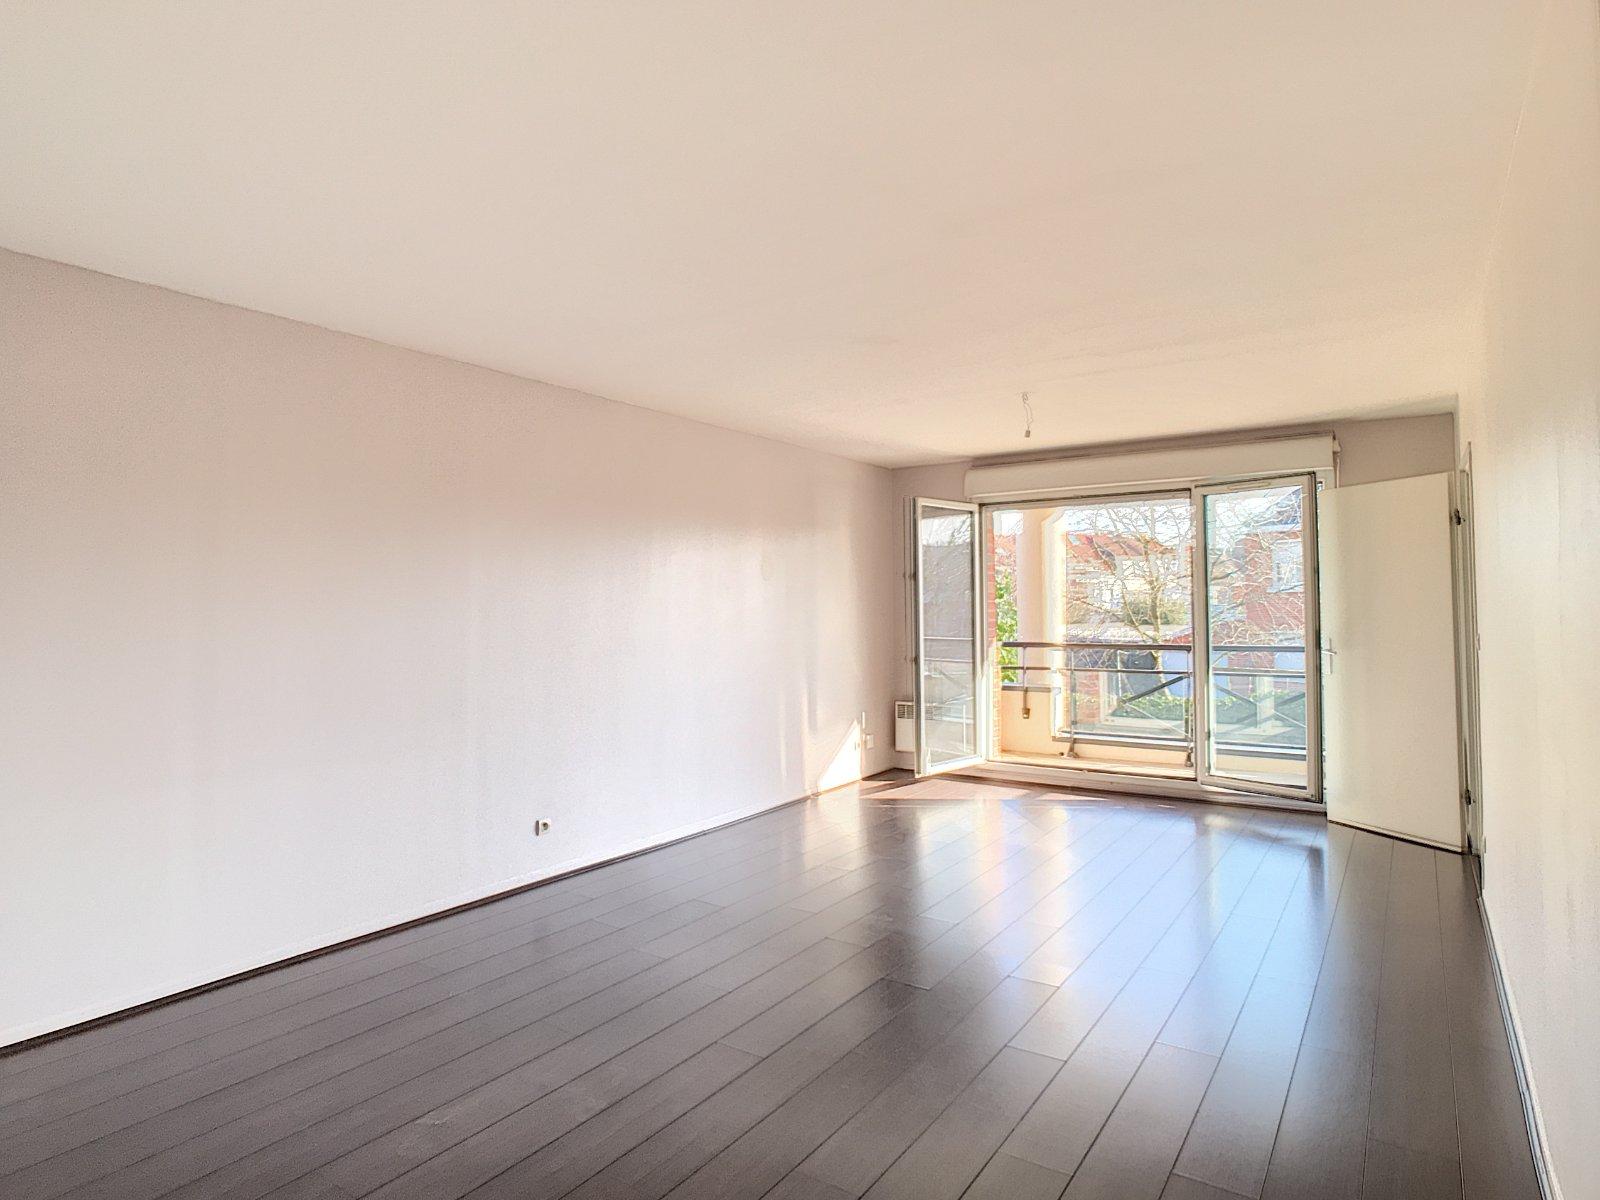 APPARTEMENT T3 A VENDRE - MARCQ EN BAROEUL - 75 m2 - 262500 €